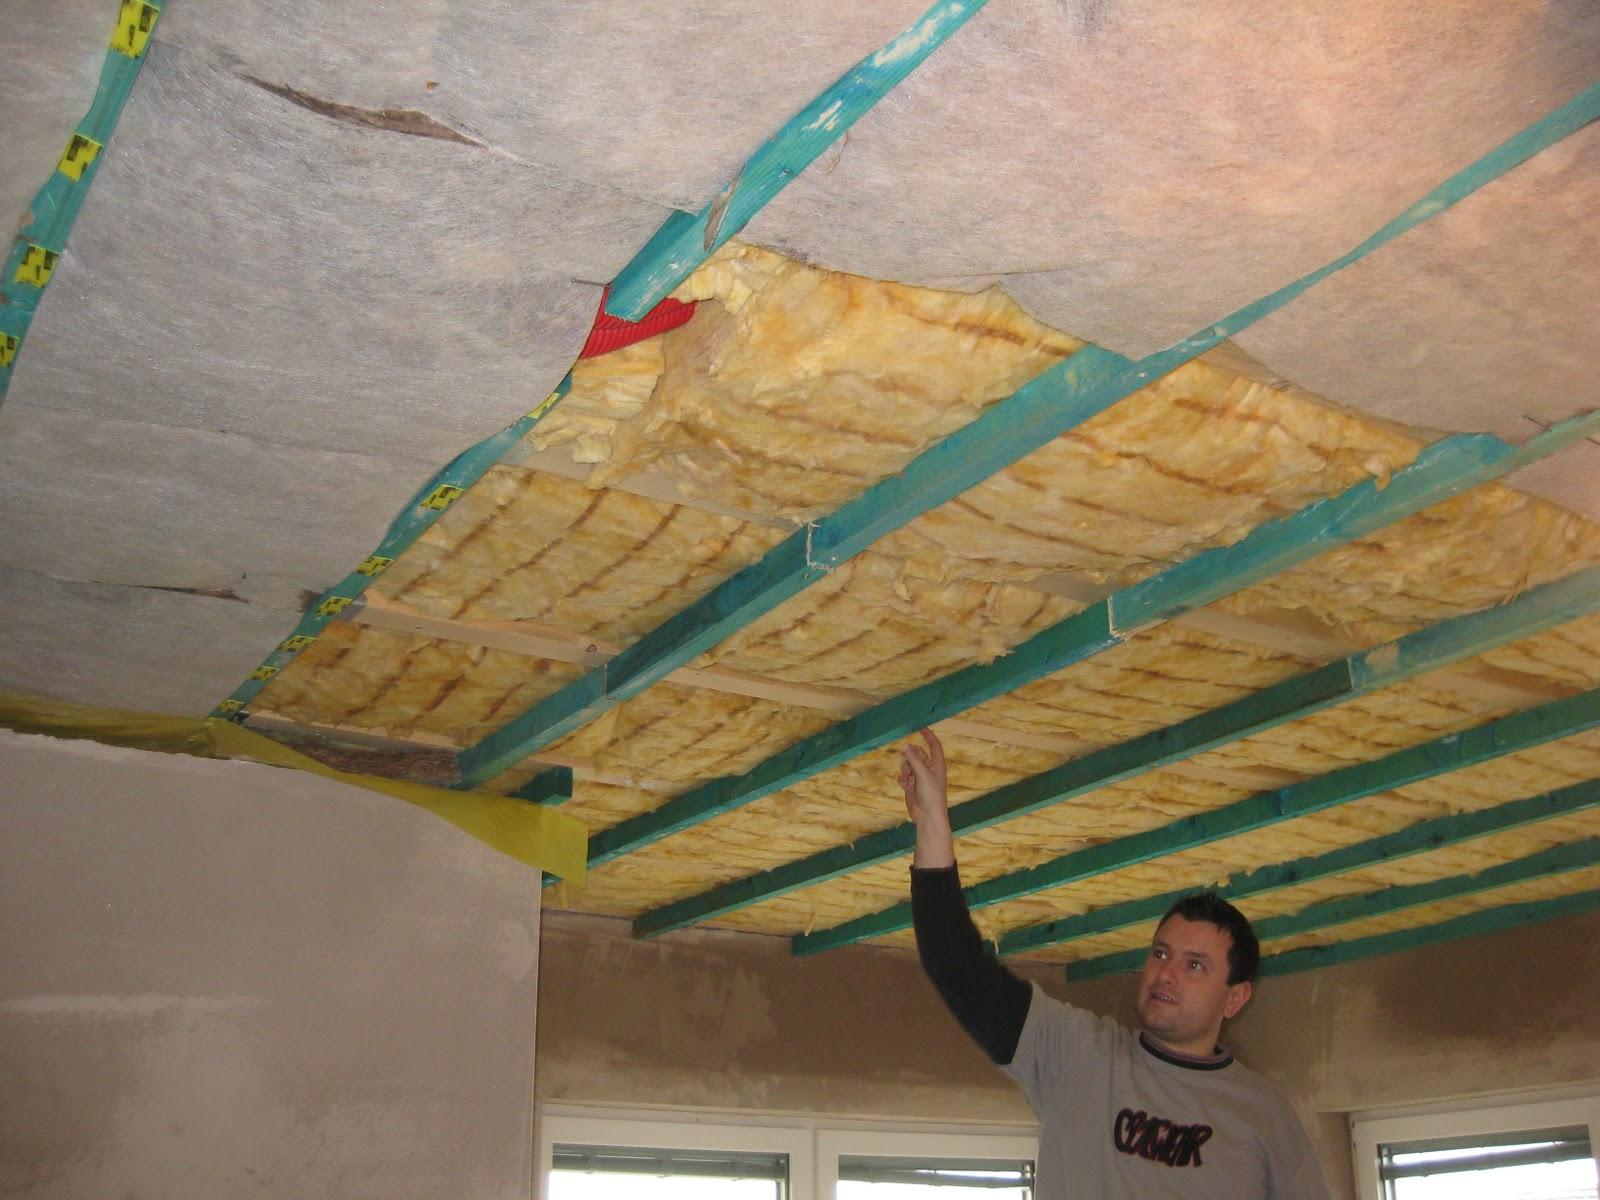 Шумоизоляции потолка в квартире своими руками: методы и 6